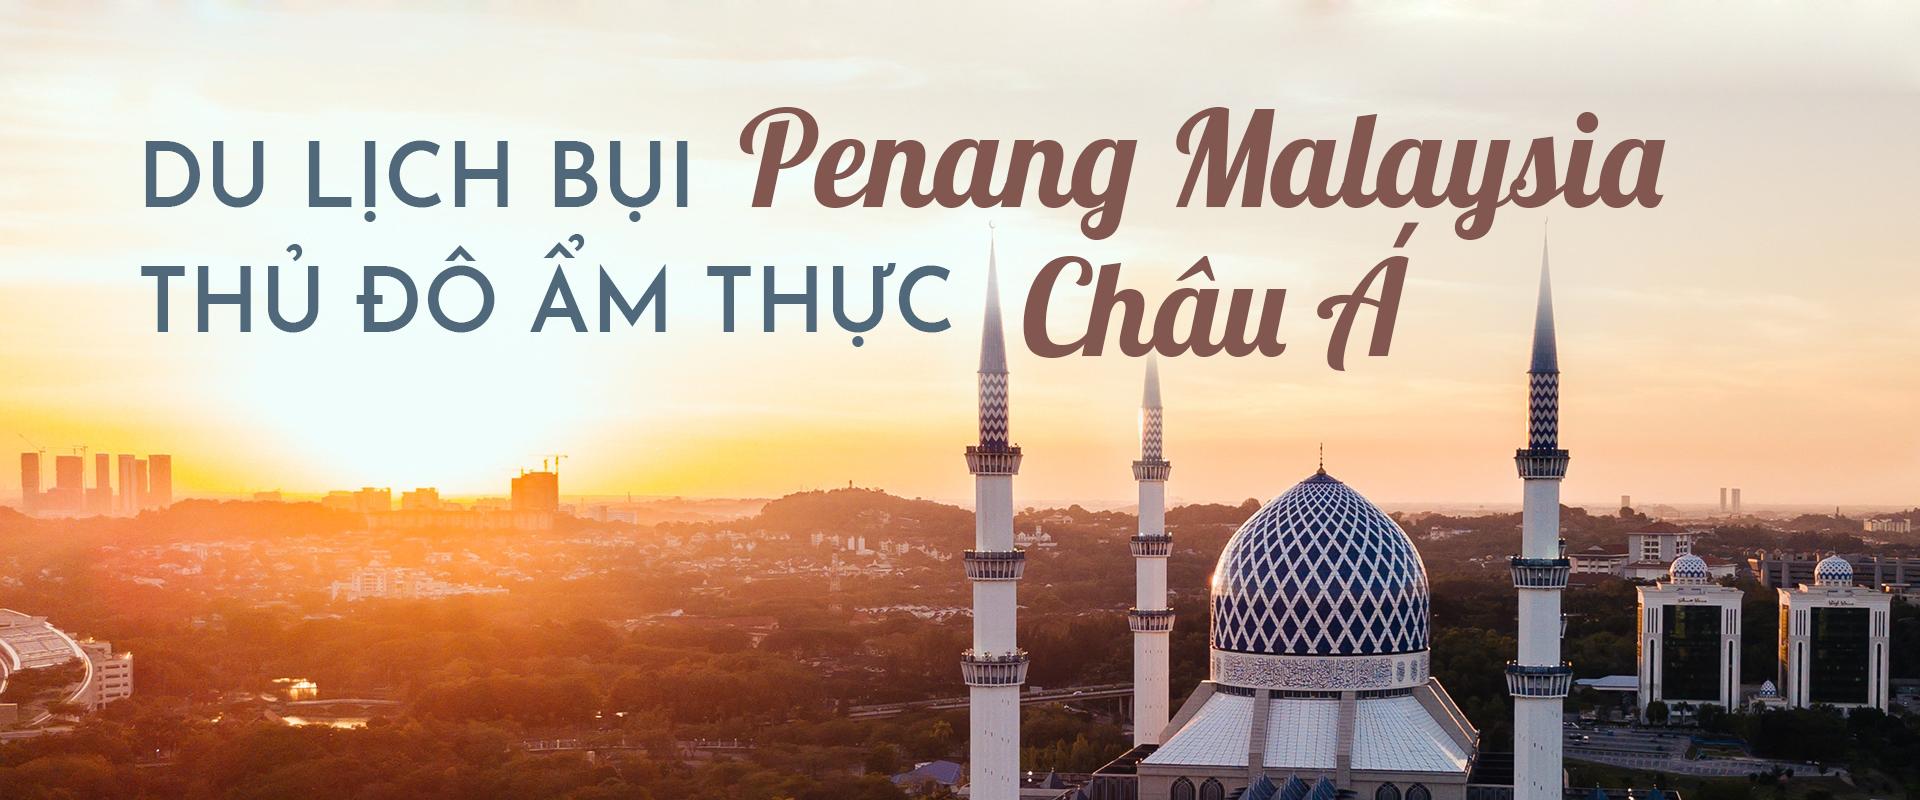 Du lịch bụi Penang Malaysia - thủ đô ẩm thực châu Á